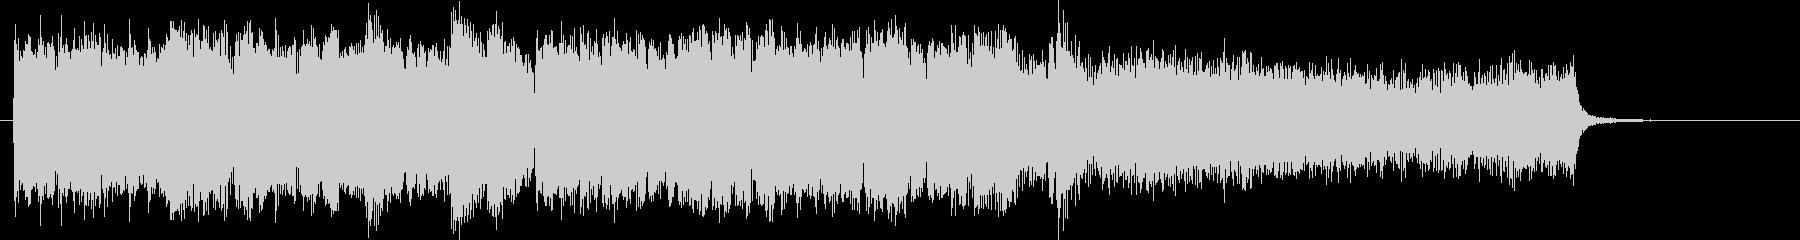 アイルランド民族楽器のケルト音楽バラードの未再生の波形